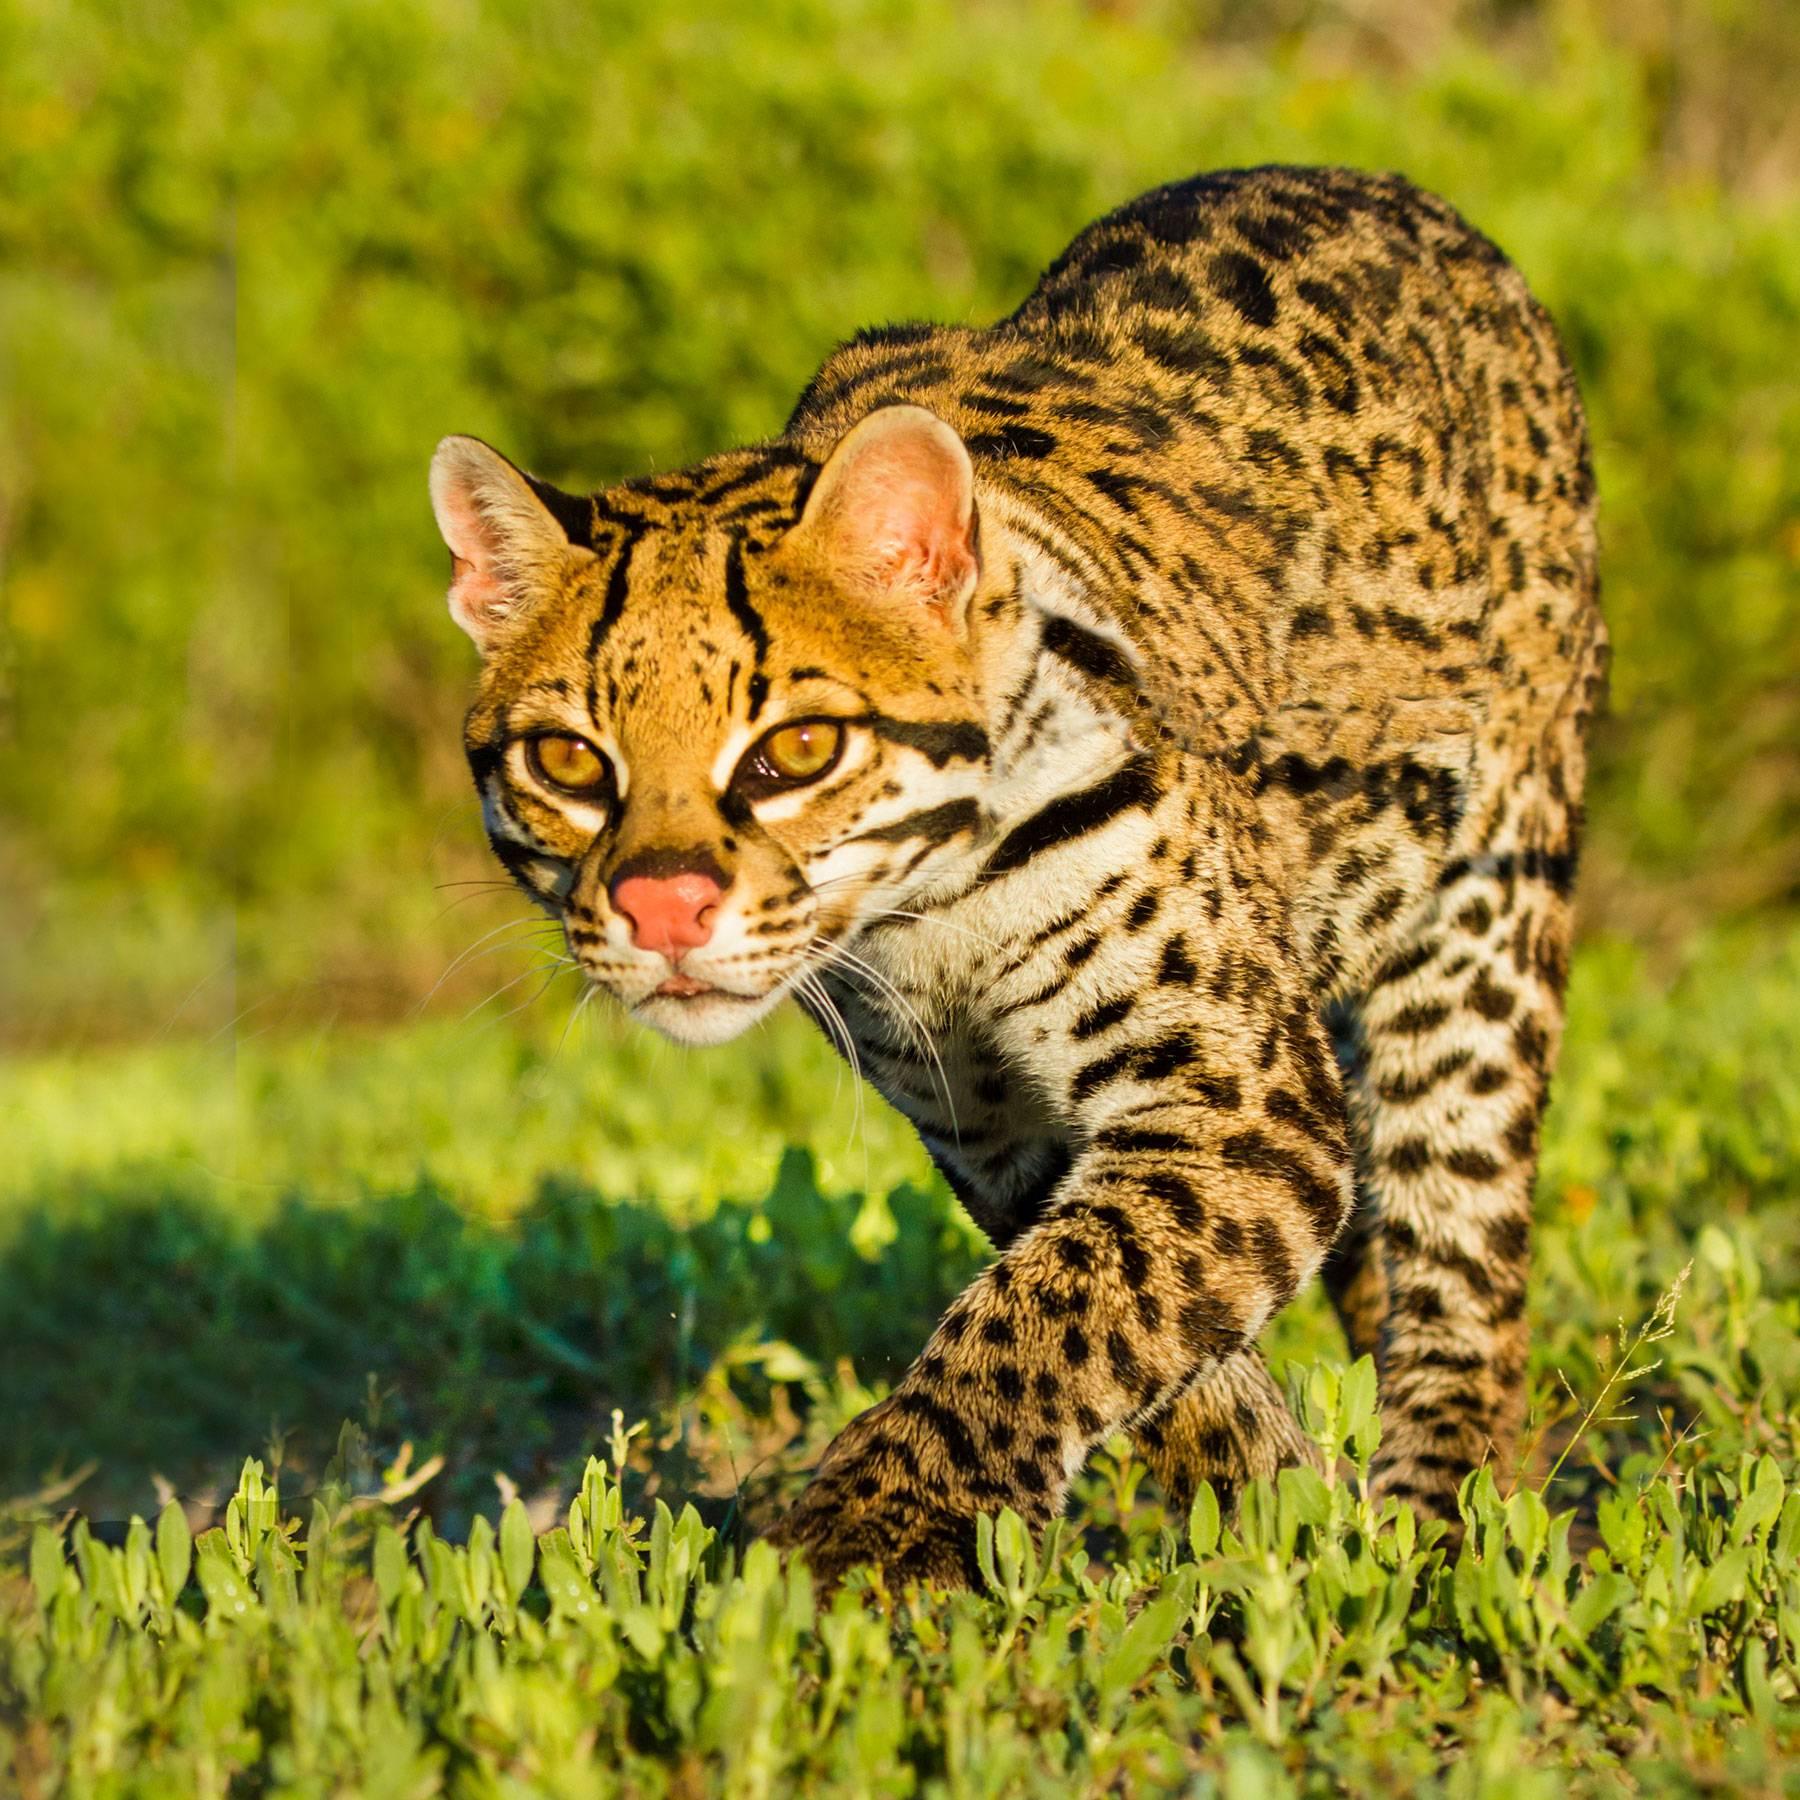 Дикая кошка оцелот: описание внешности и характера, образ жизни и ареал обитания кота, размножение и численность вида